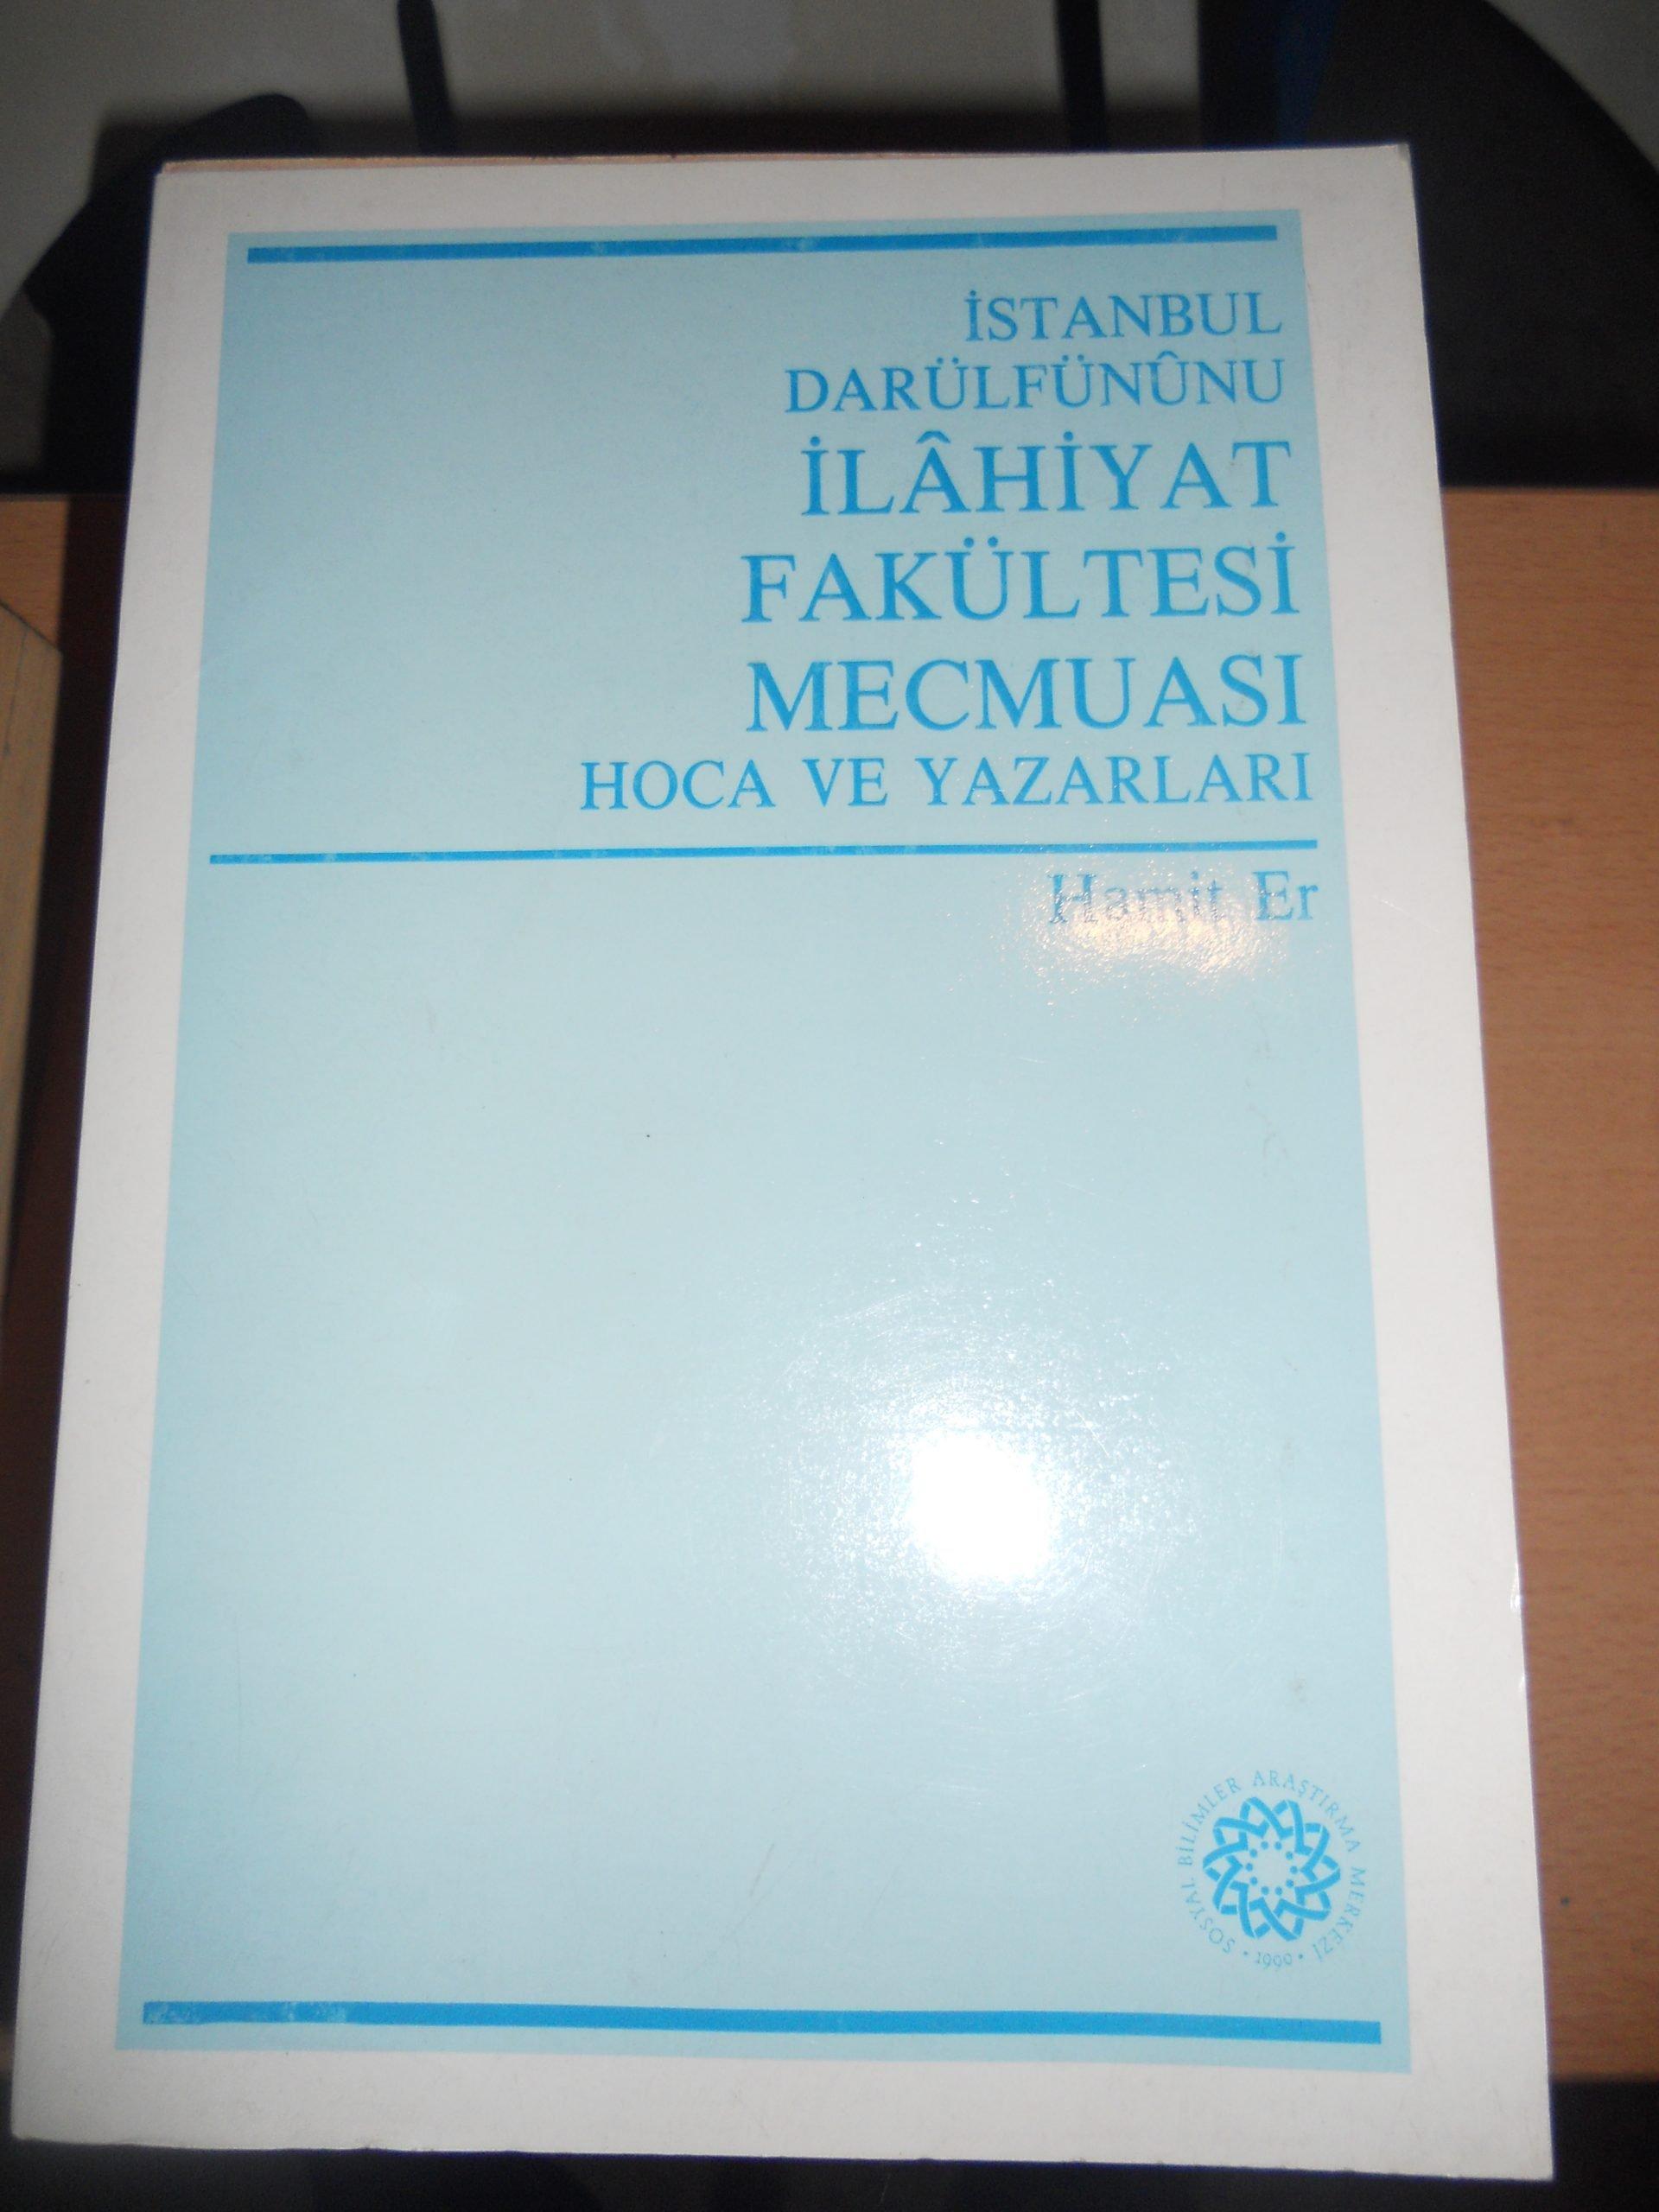 İstanbul Darülfünunu İLAHİYAT FAKÜLTESİ MECMUASI Hoca ve Yazarları/Hamit ER/ 15 TL